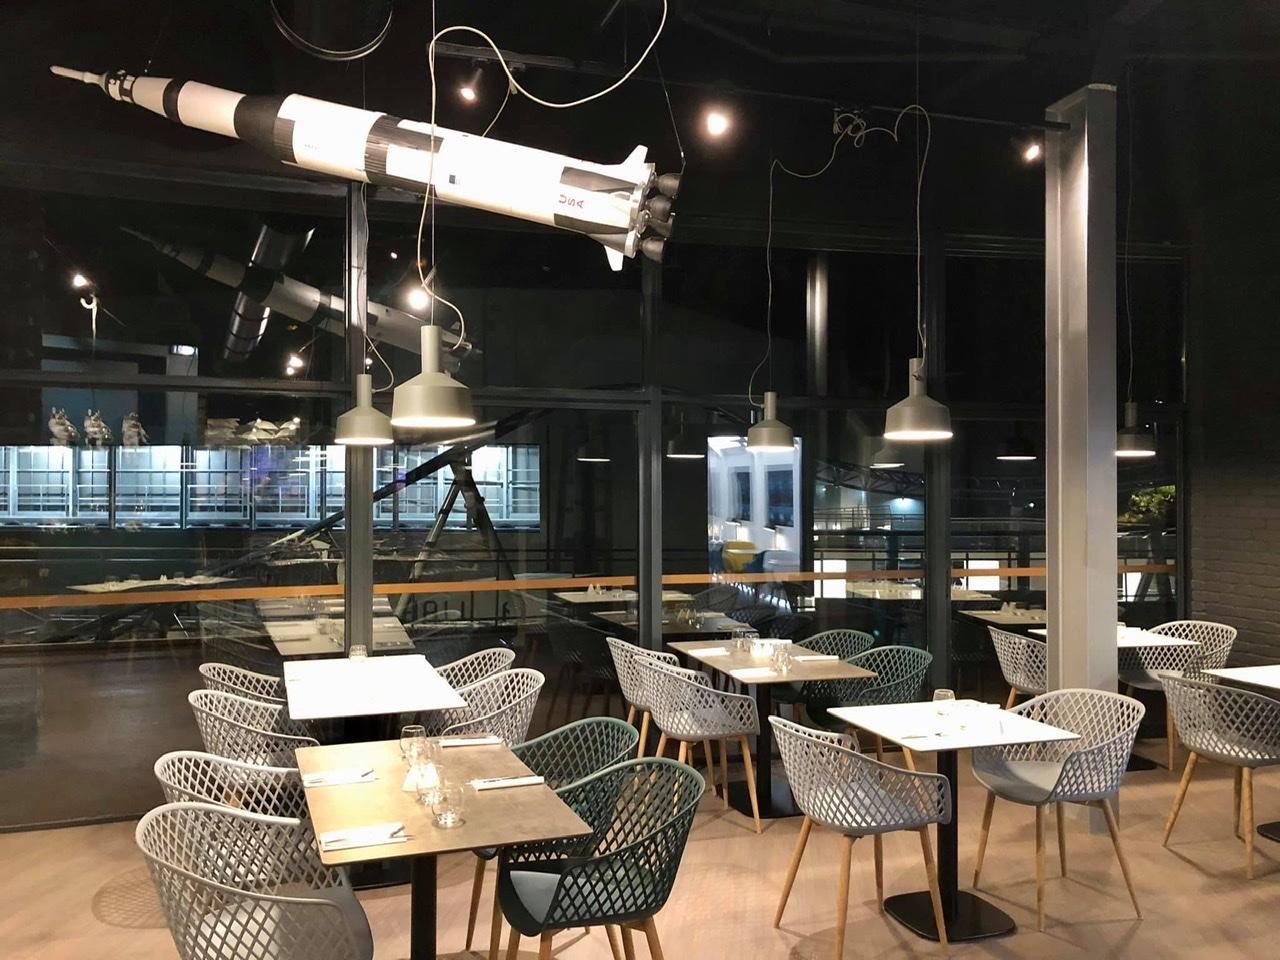 atelier - [Restaurant] L'Atelier des Saveurs · 2020 AC19218-D-E8-EC-4919-82-F4-EC5-F6-BF4-ED80